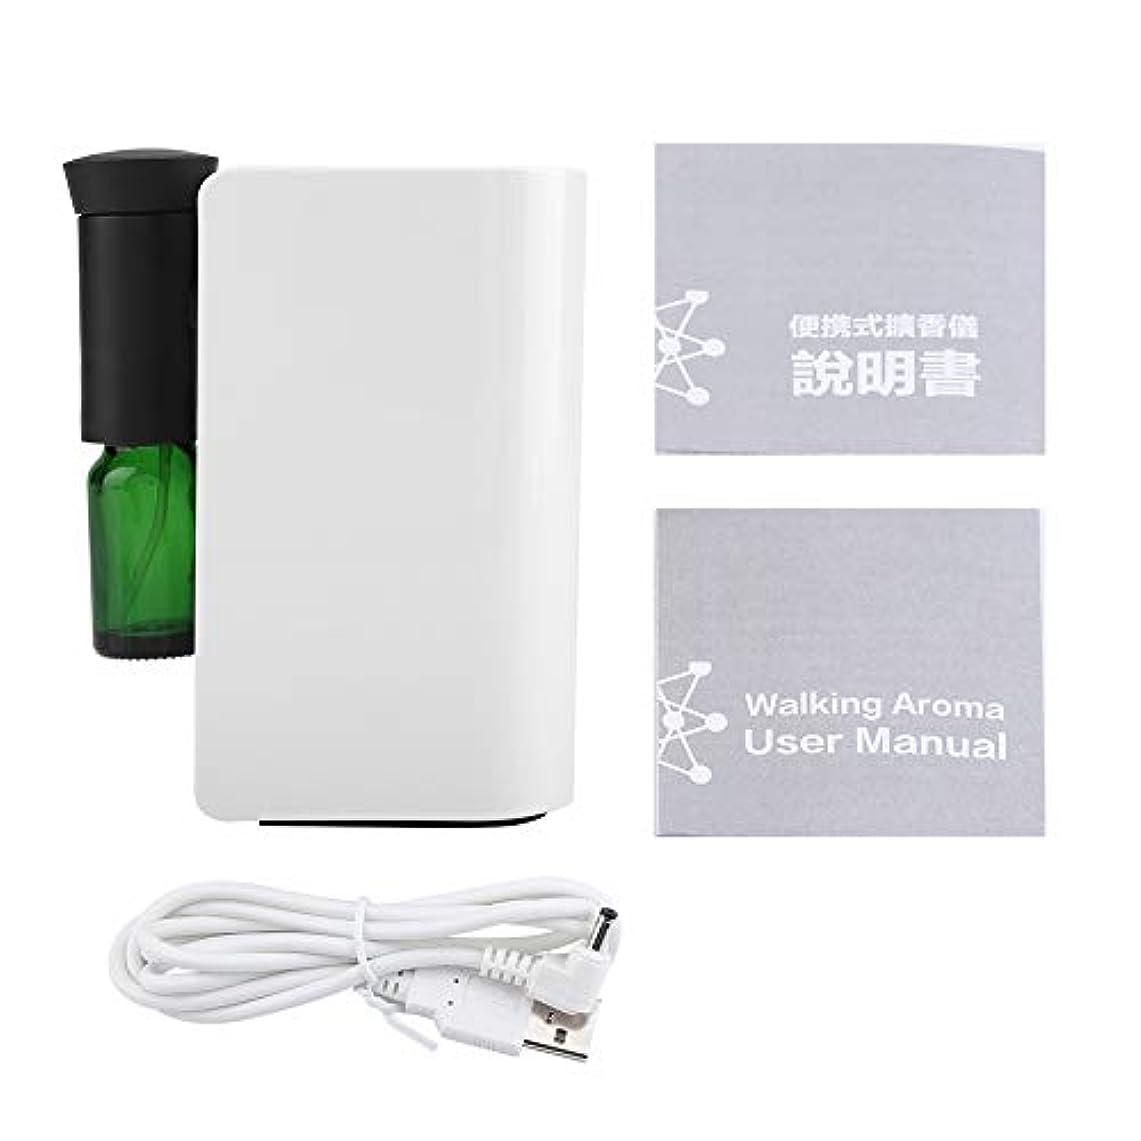 ブルジョン辞書パークアロマディフューザー usb充電式 100ml 精油 エッセンシャルオイル用 自動アロマディスペンサー用 部屋 オフィス(ホワイト)